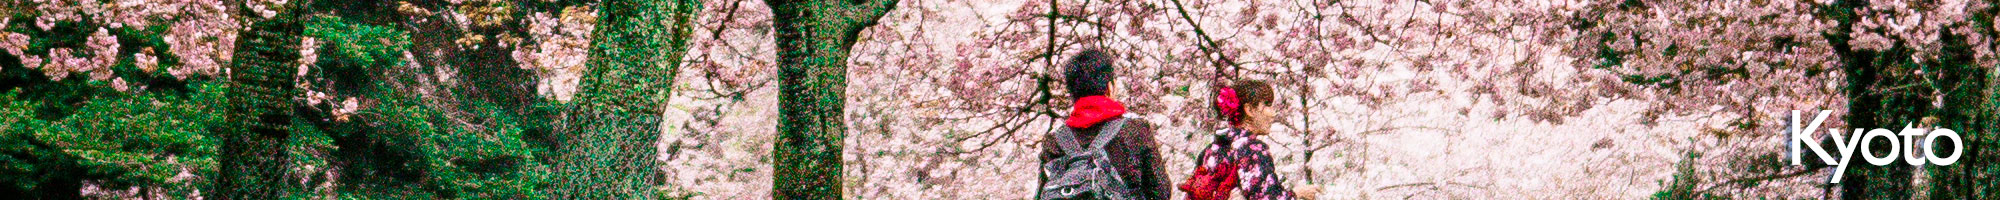 Kyoto+Sakura.jpeg